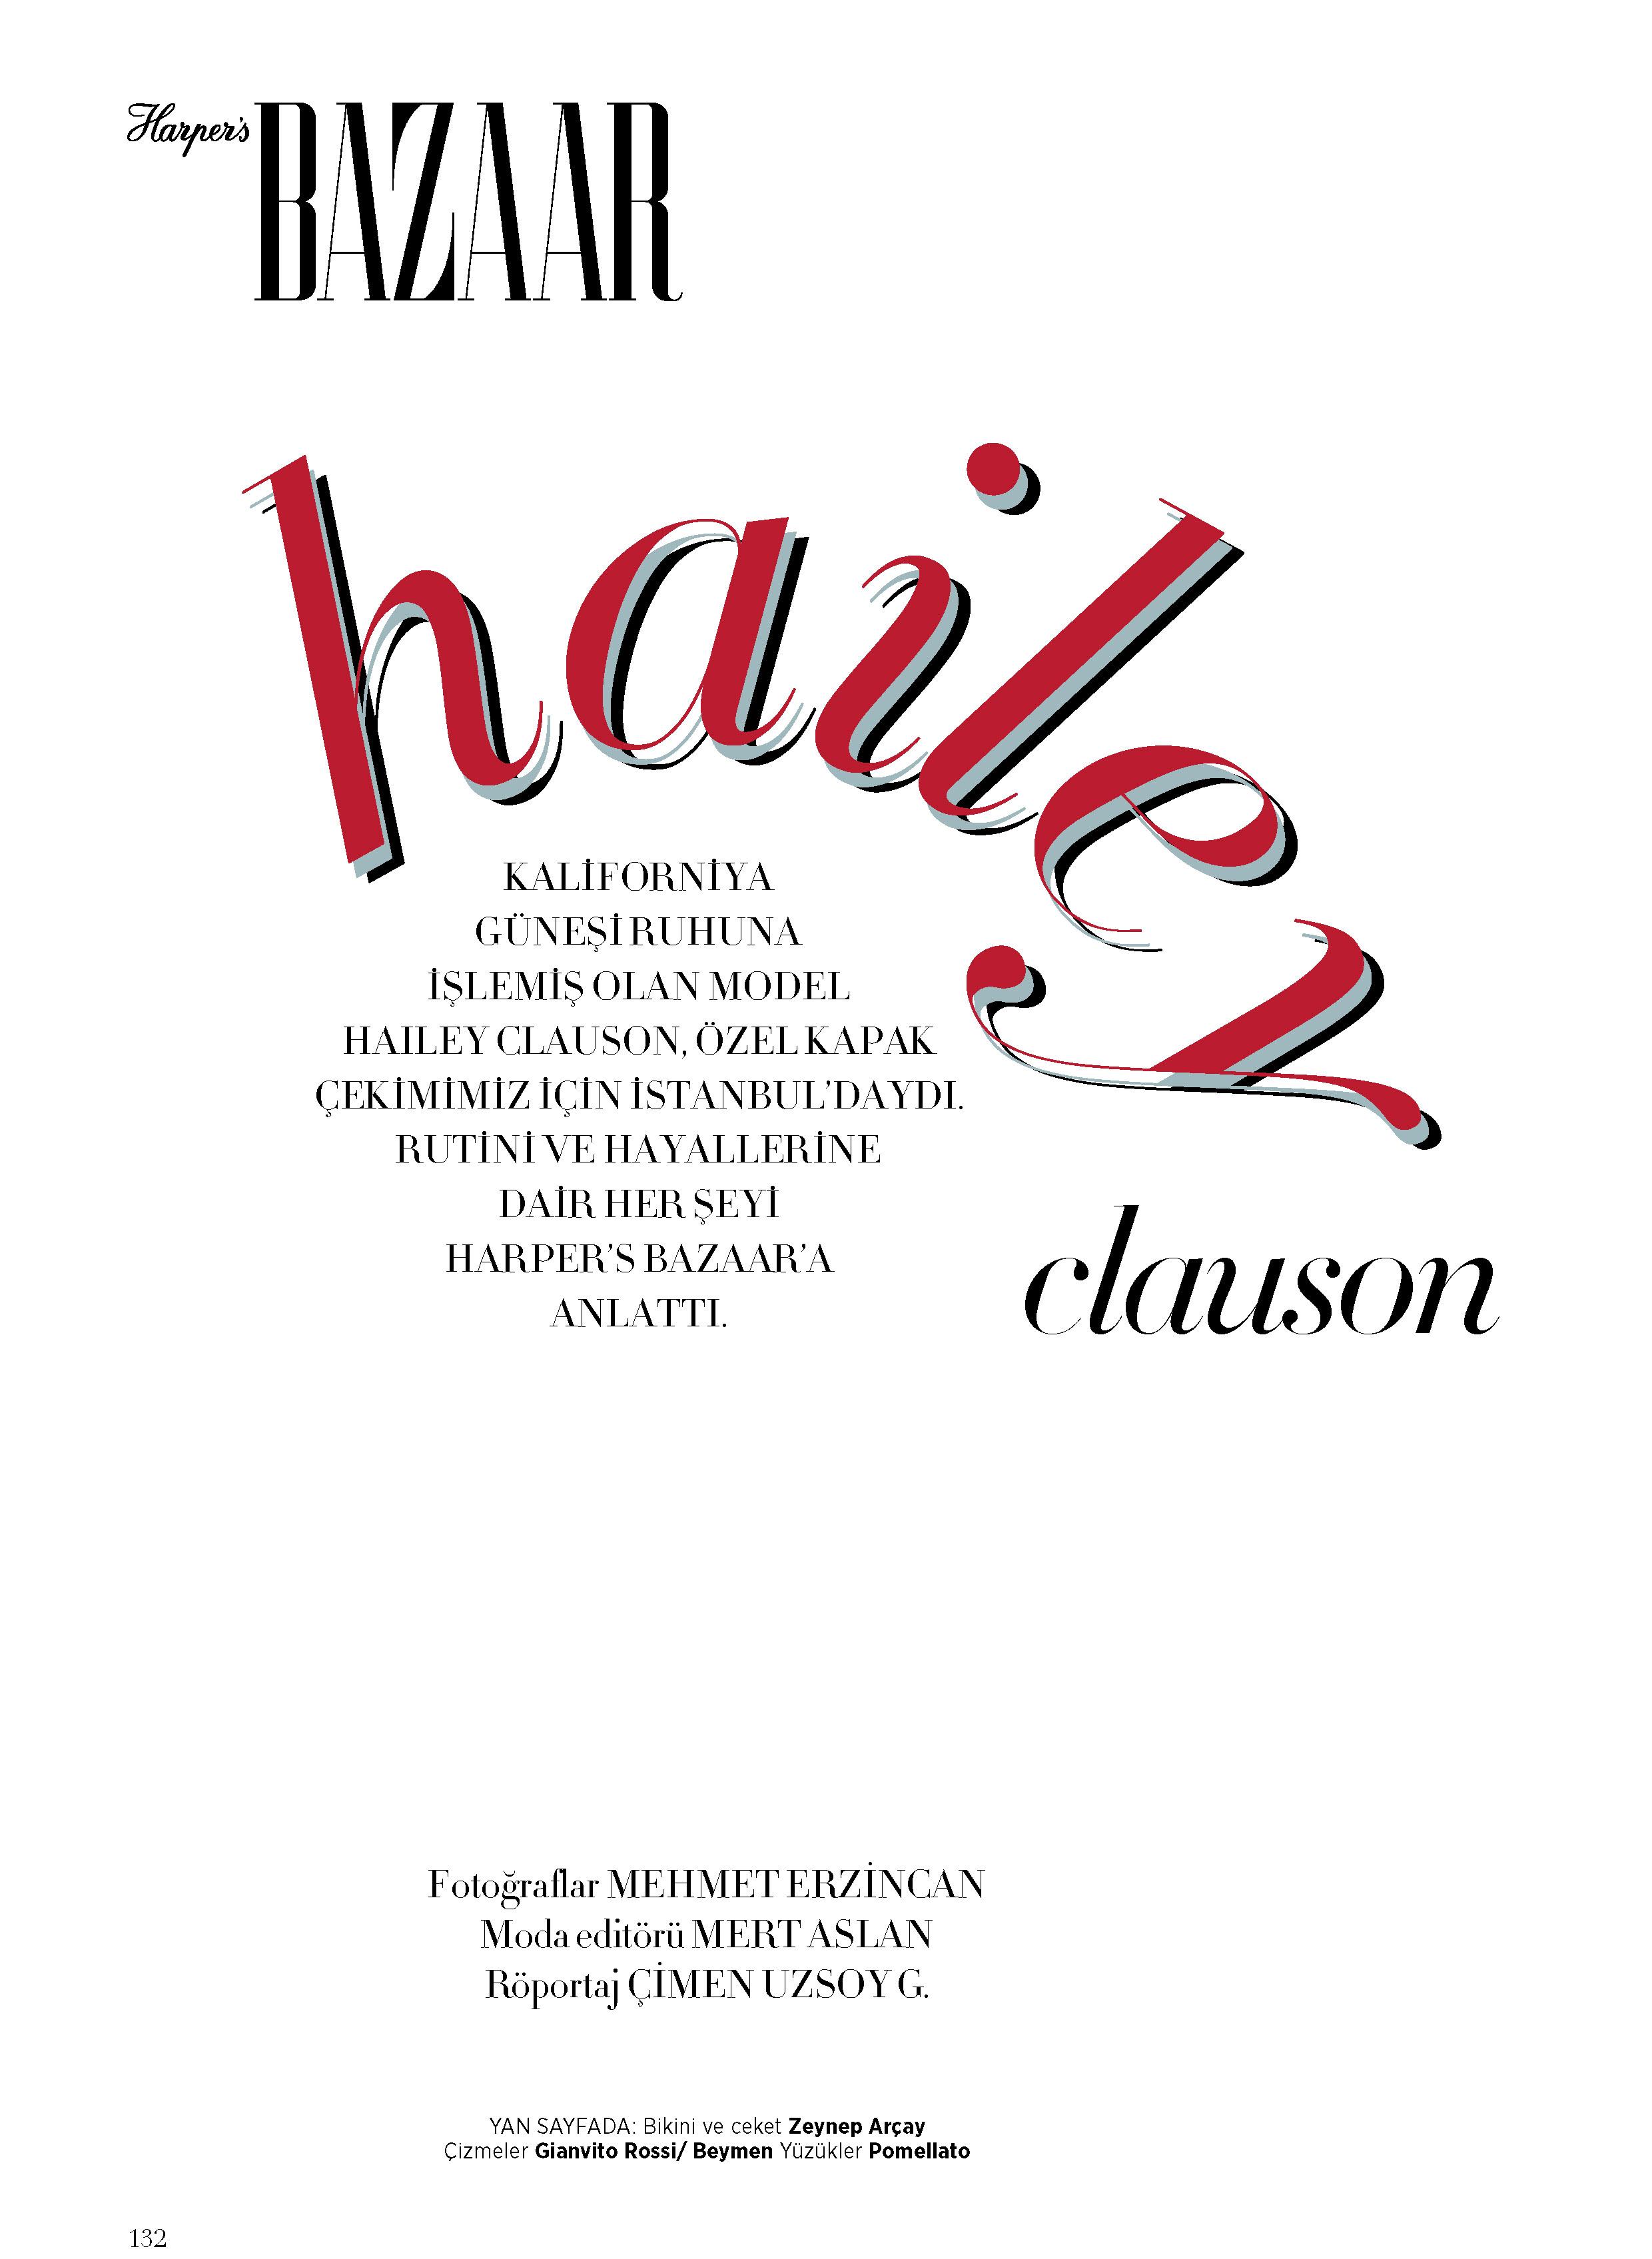 HB HAILEY COVER STORY-1.jpg